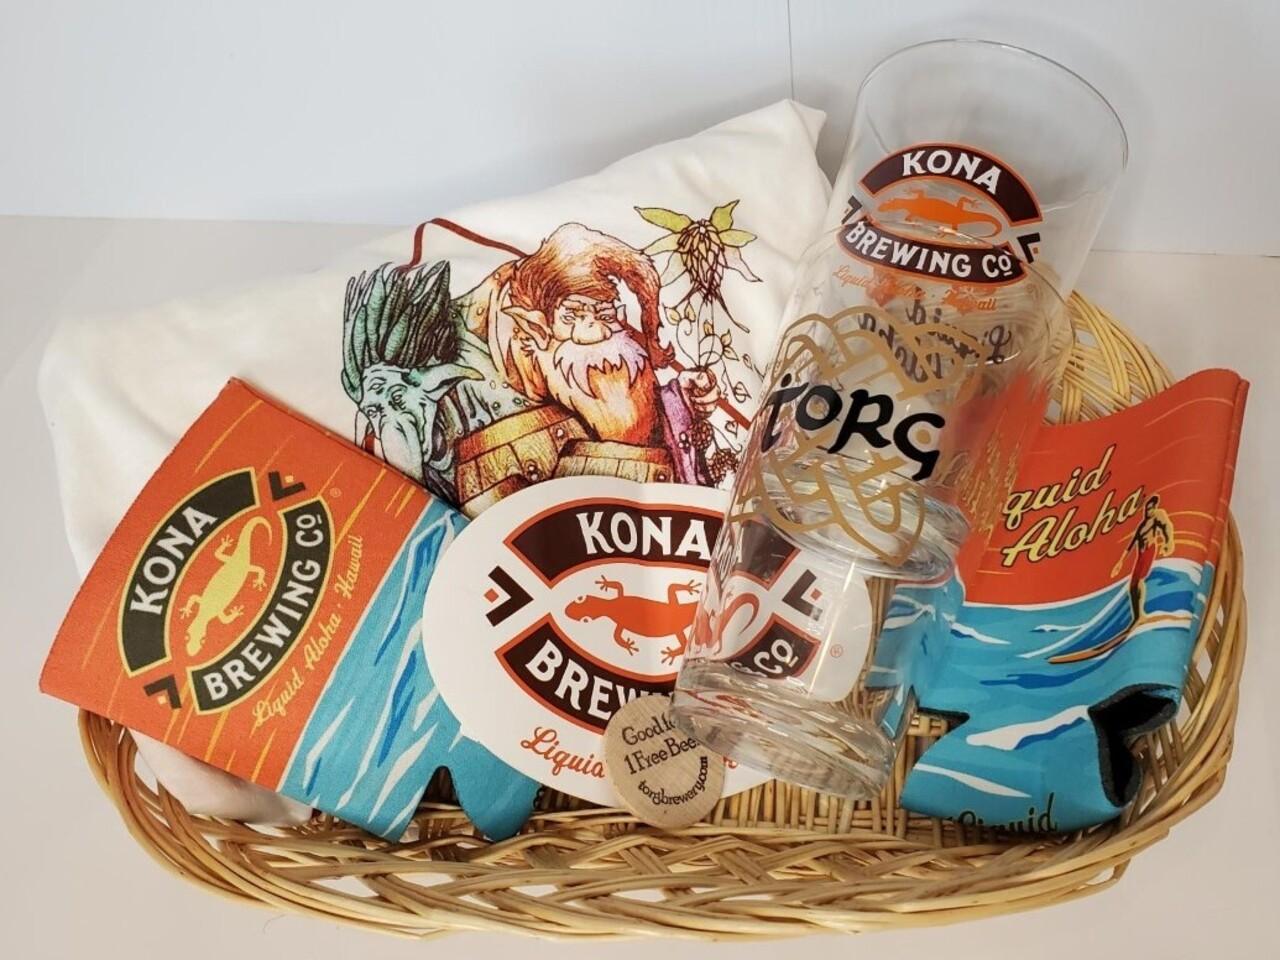 423. Kona & Torg Brewery